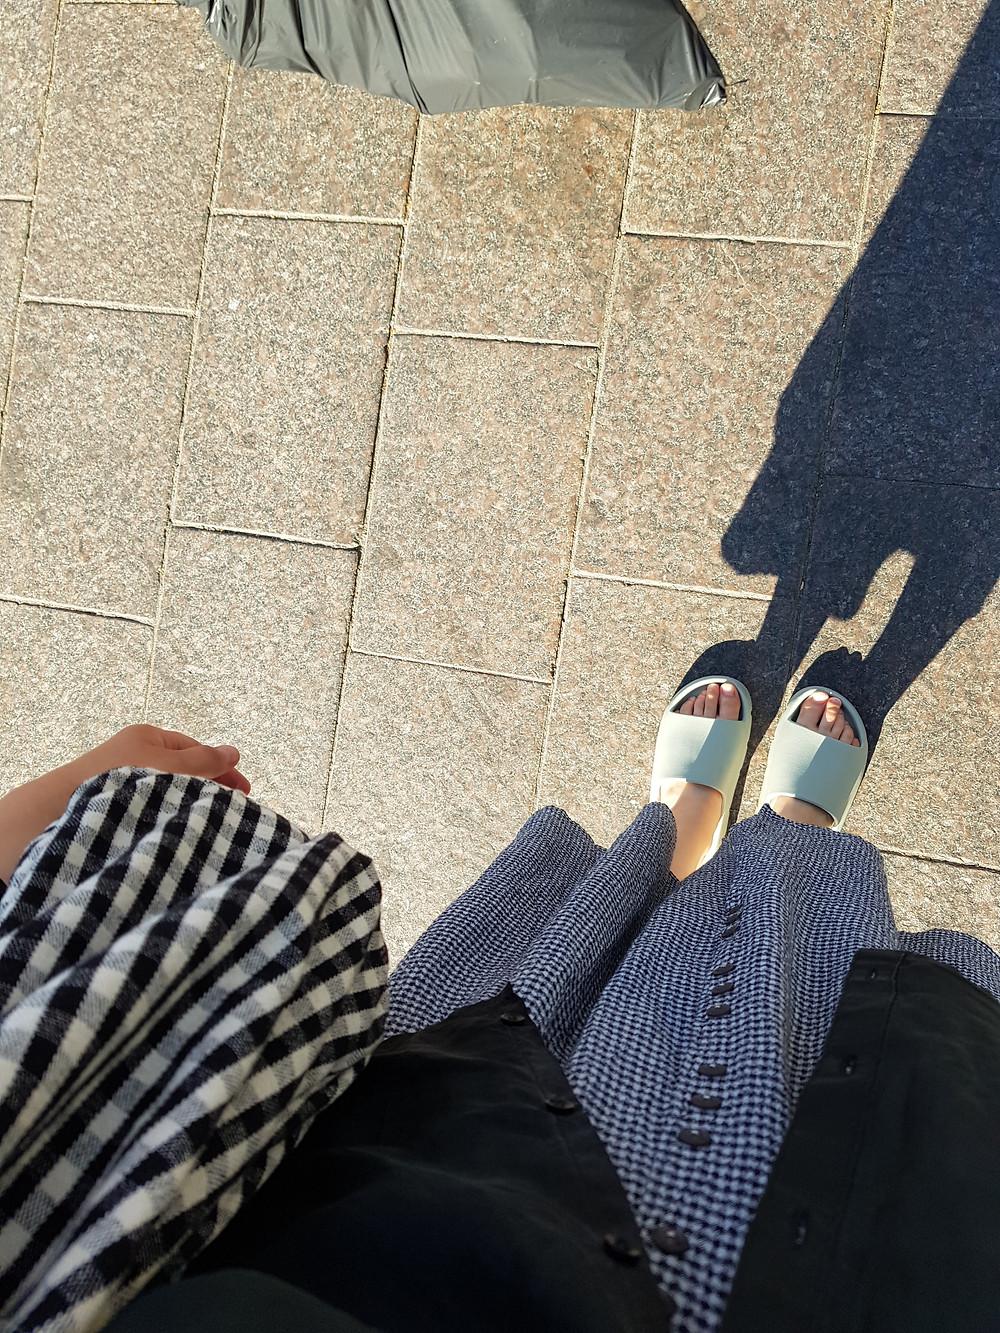 Kuva on jaloistani. Päälläni on mintunvihreät muoviset sandaalit, sinivalkoruudullinen hame, mustavalkoruudullinen laukku ja musta silkkipaita. Kuvan ylälaidassa on harmaa muovinen kauppakassi.